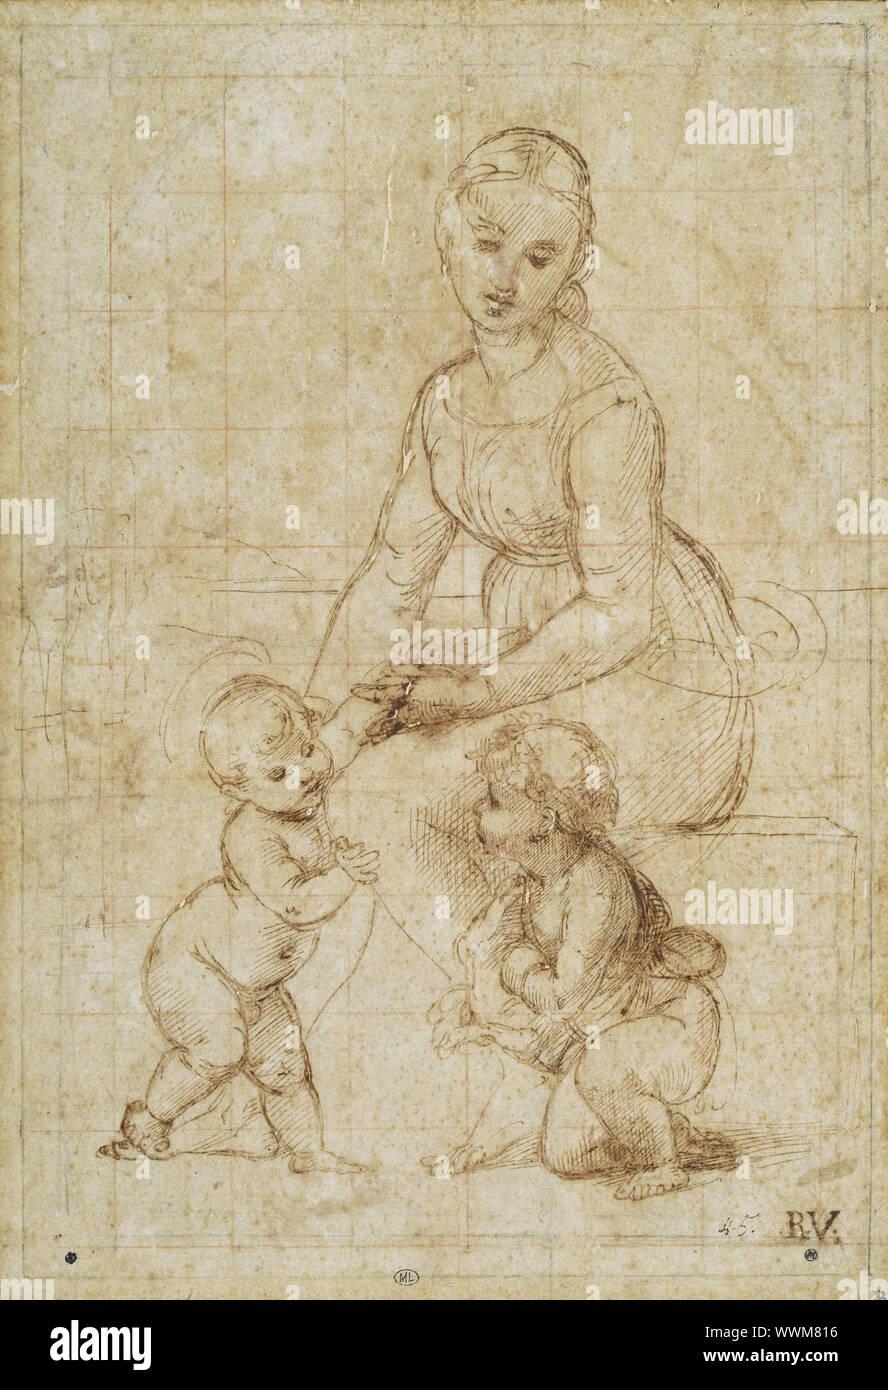 Estudio para la belle jardinière, ca 1506-1507. Encontrado en la colección de Musée du Louvre, Paris. Foto de stock